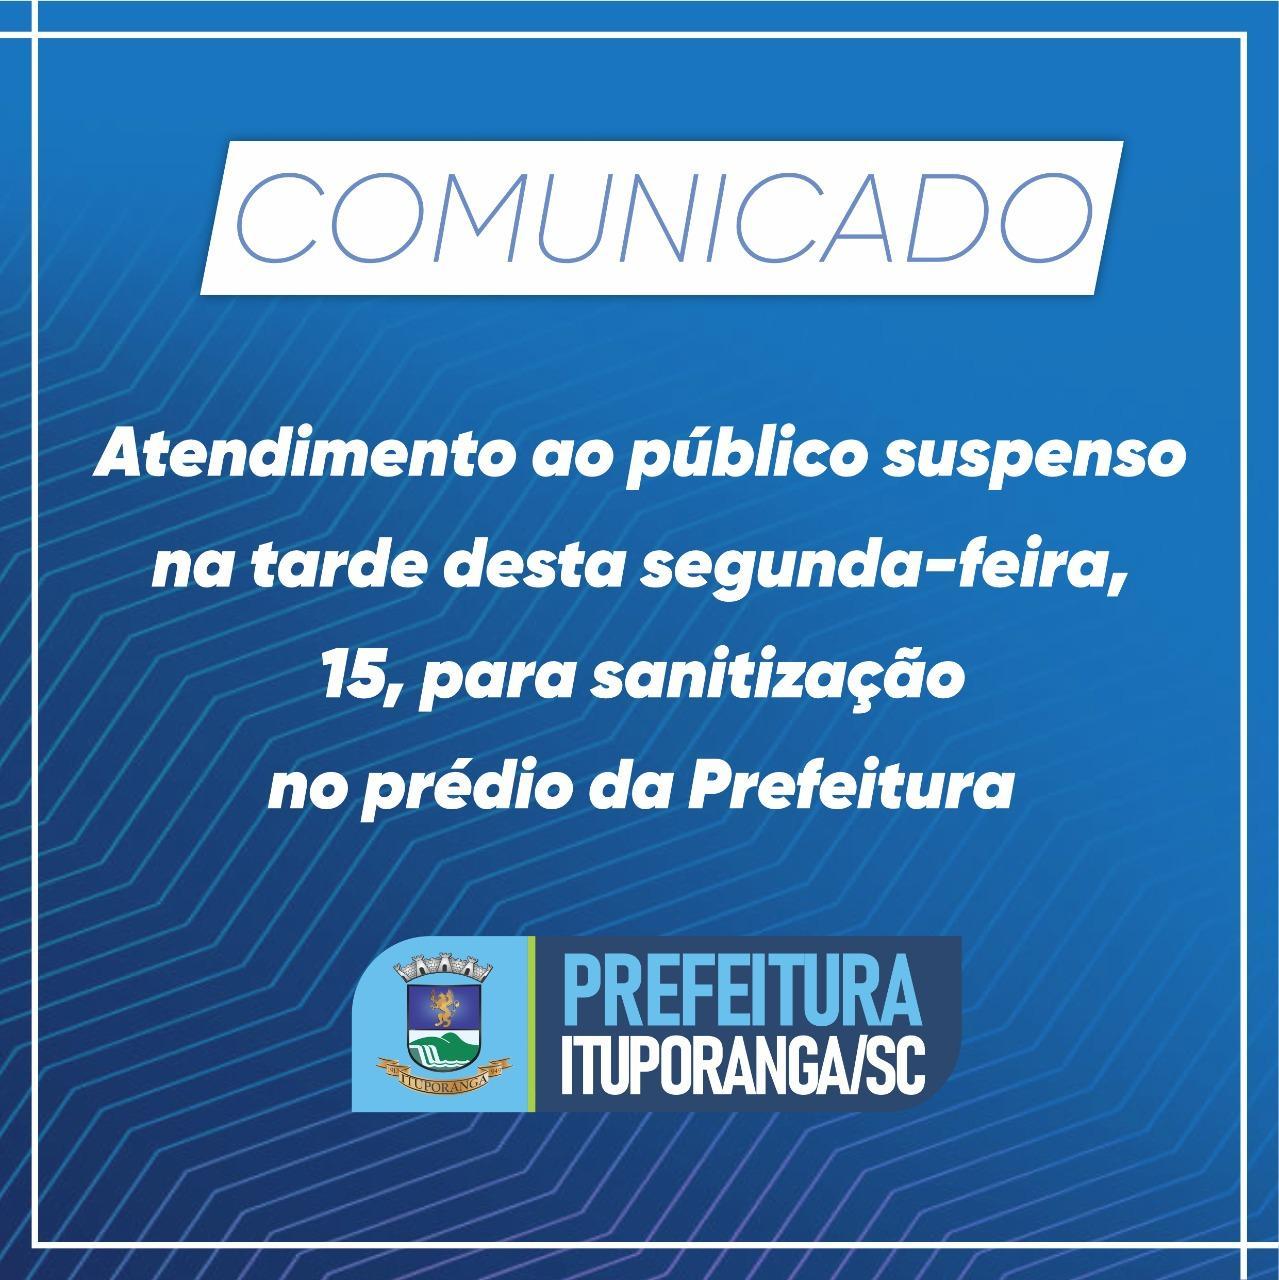 Expediente da prefeitura de Ituporanga estará suspenso para sanitização na tarde de hoje